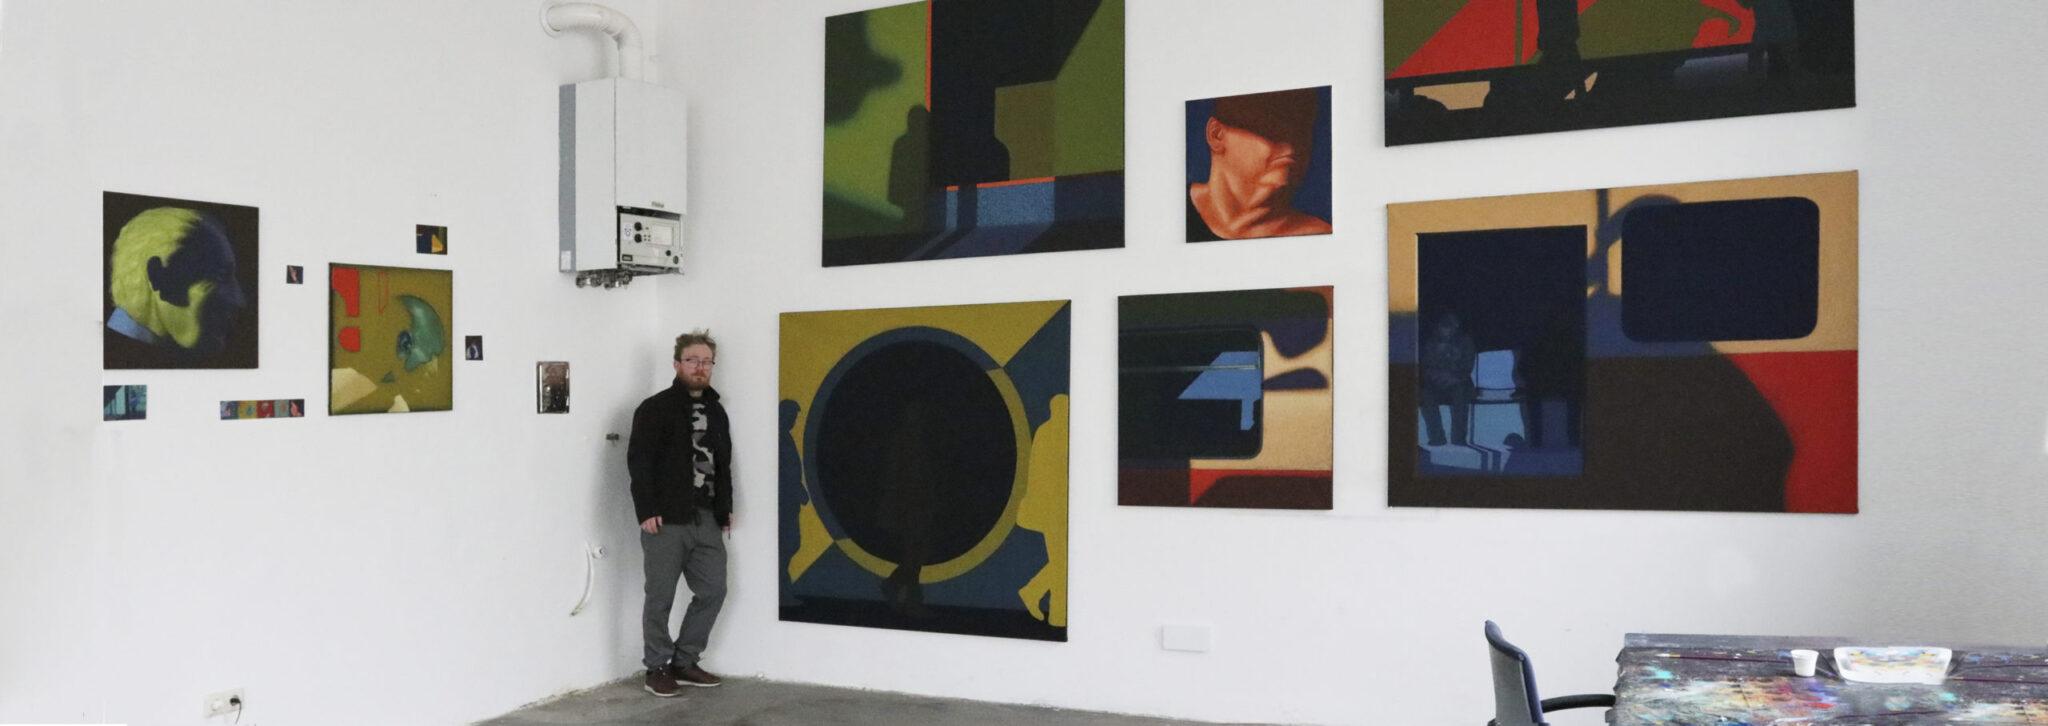 Dariusz Milczarek na tle obrazów w trakcie rezydencji w Wiedniu